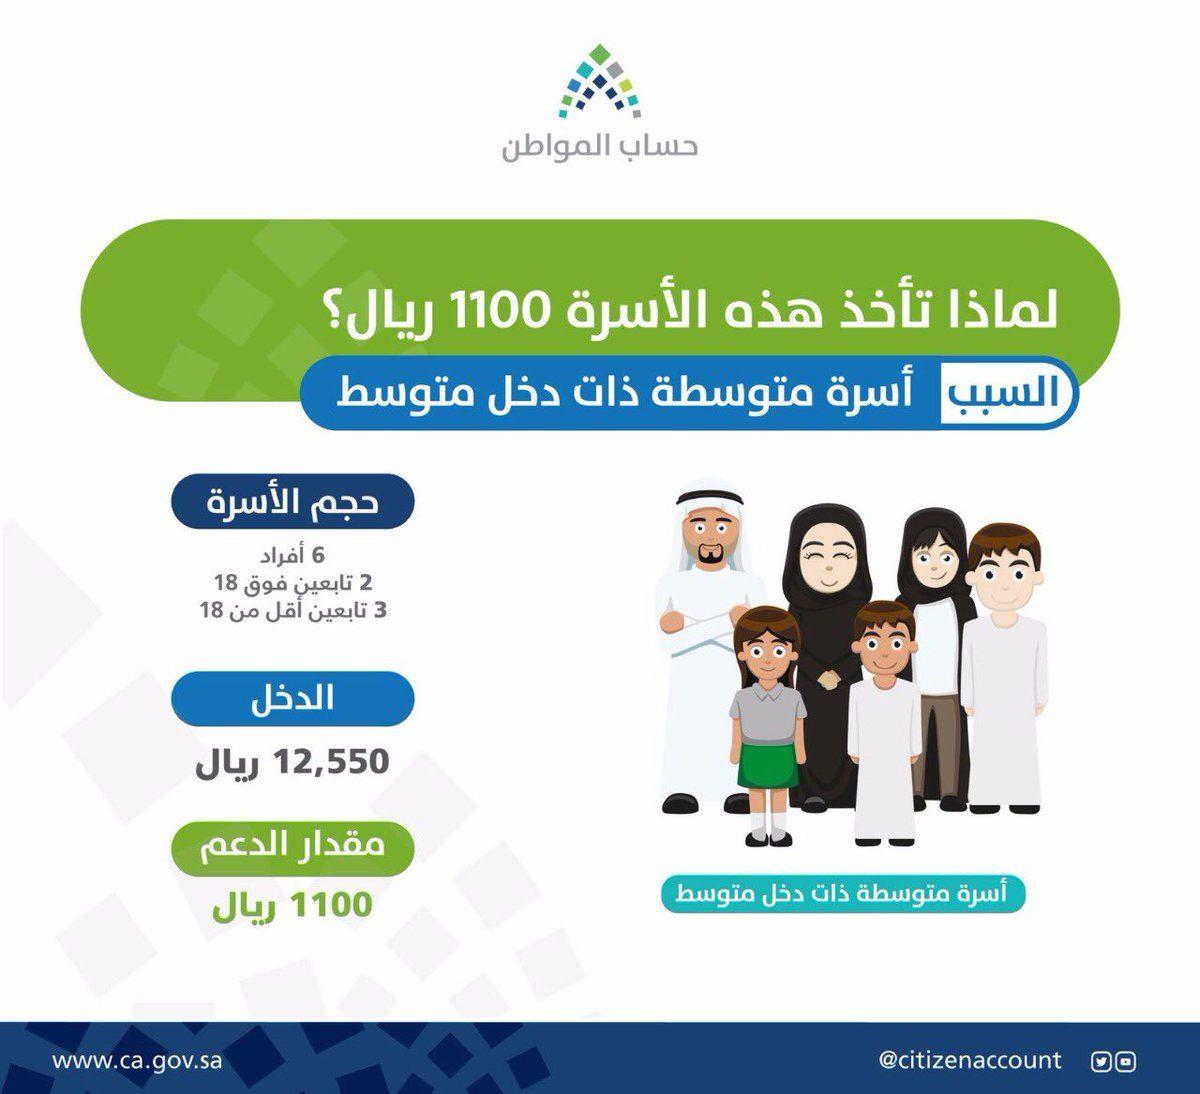 كيفية التسجيل في بوابة حساب المواطن الالكترونية 1439 وموعد استحقاق الدفعة الخامسة متابعة رابط الدعم Arab News News